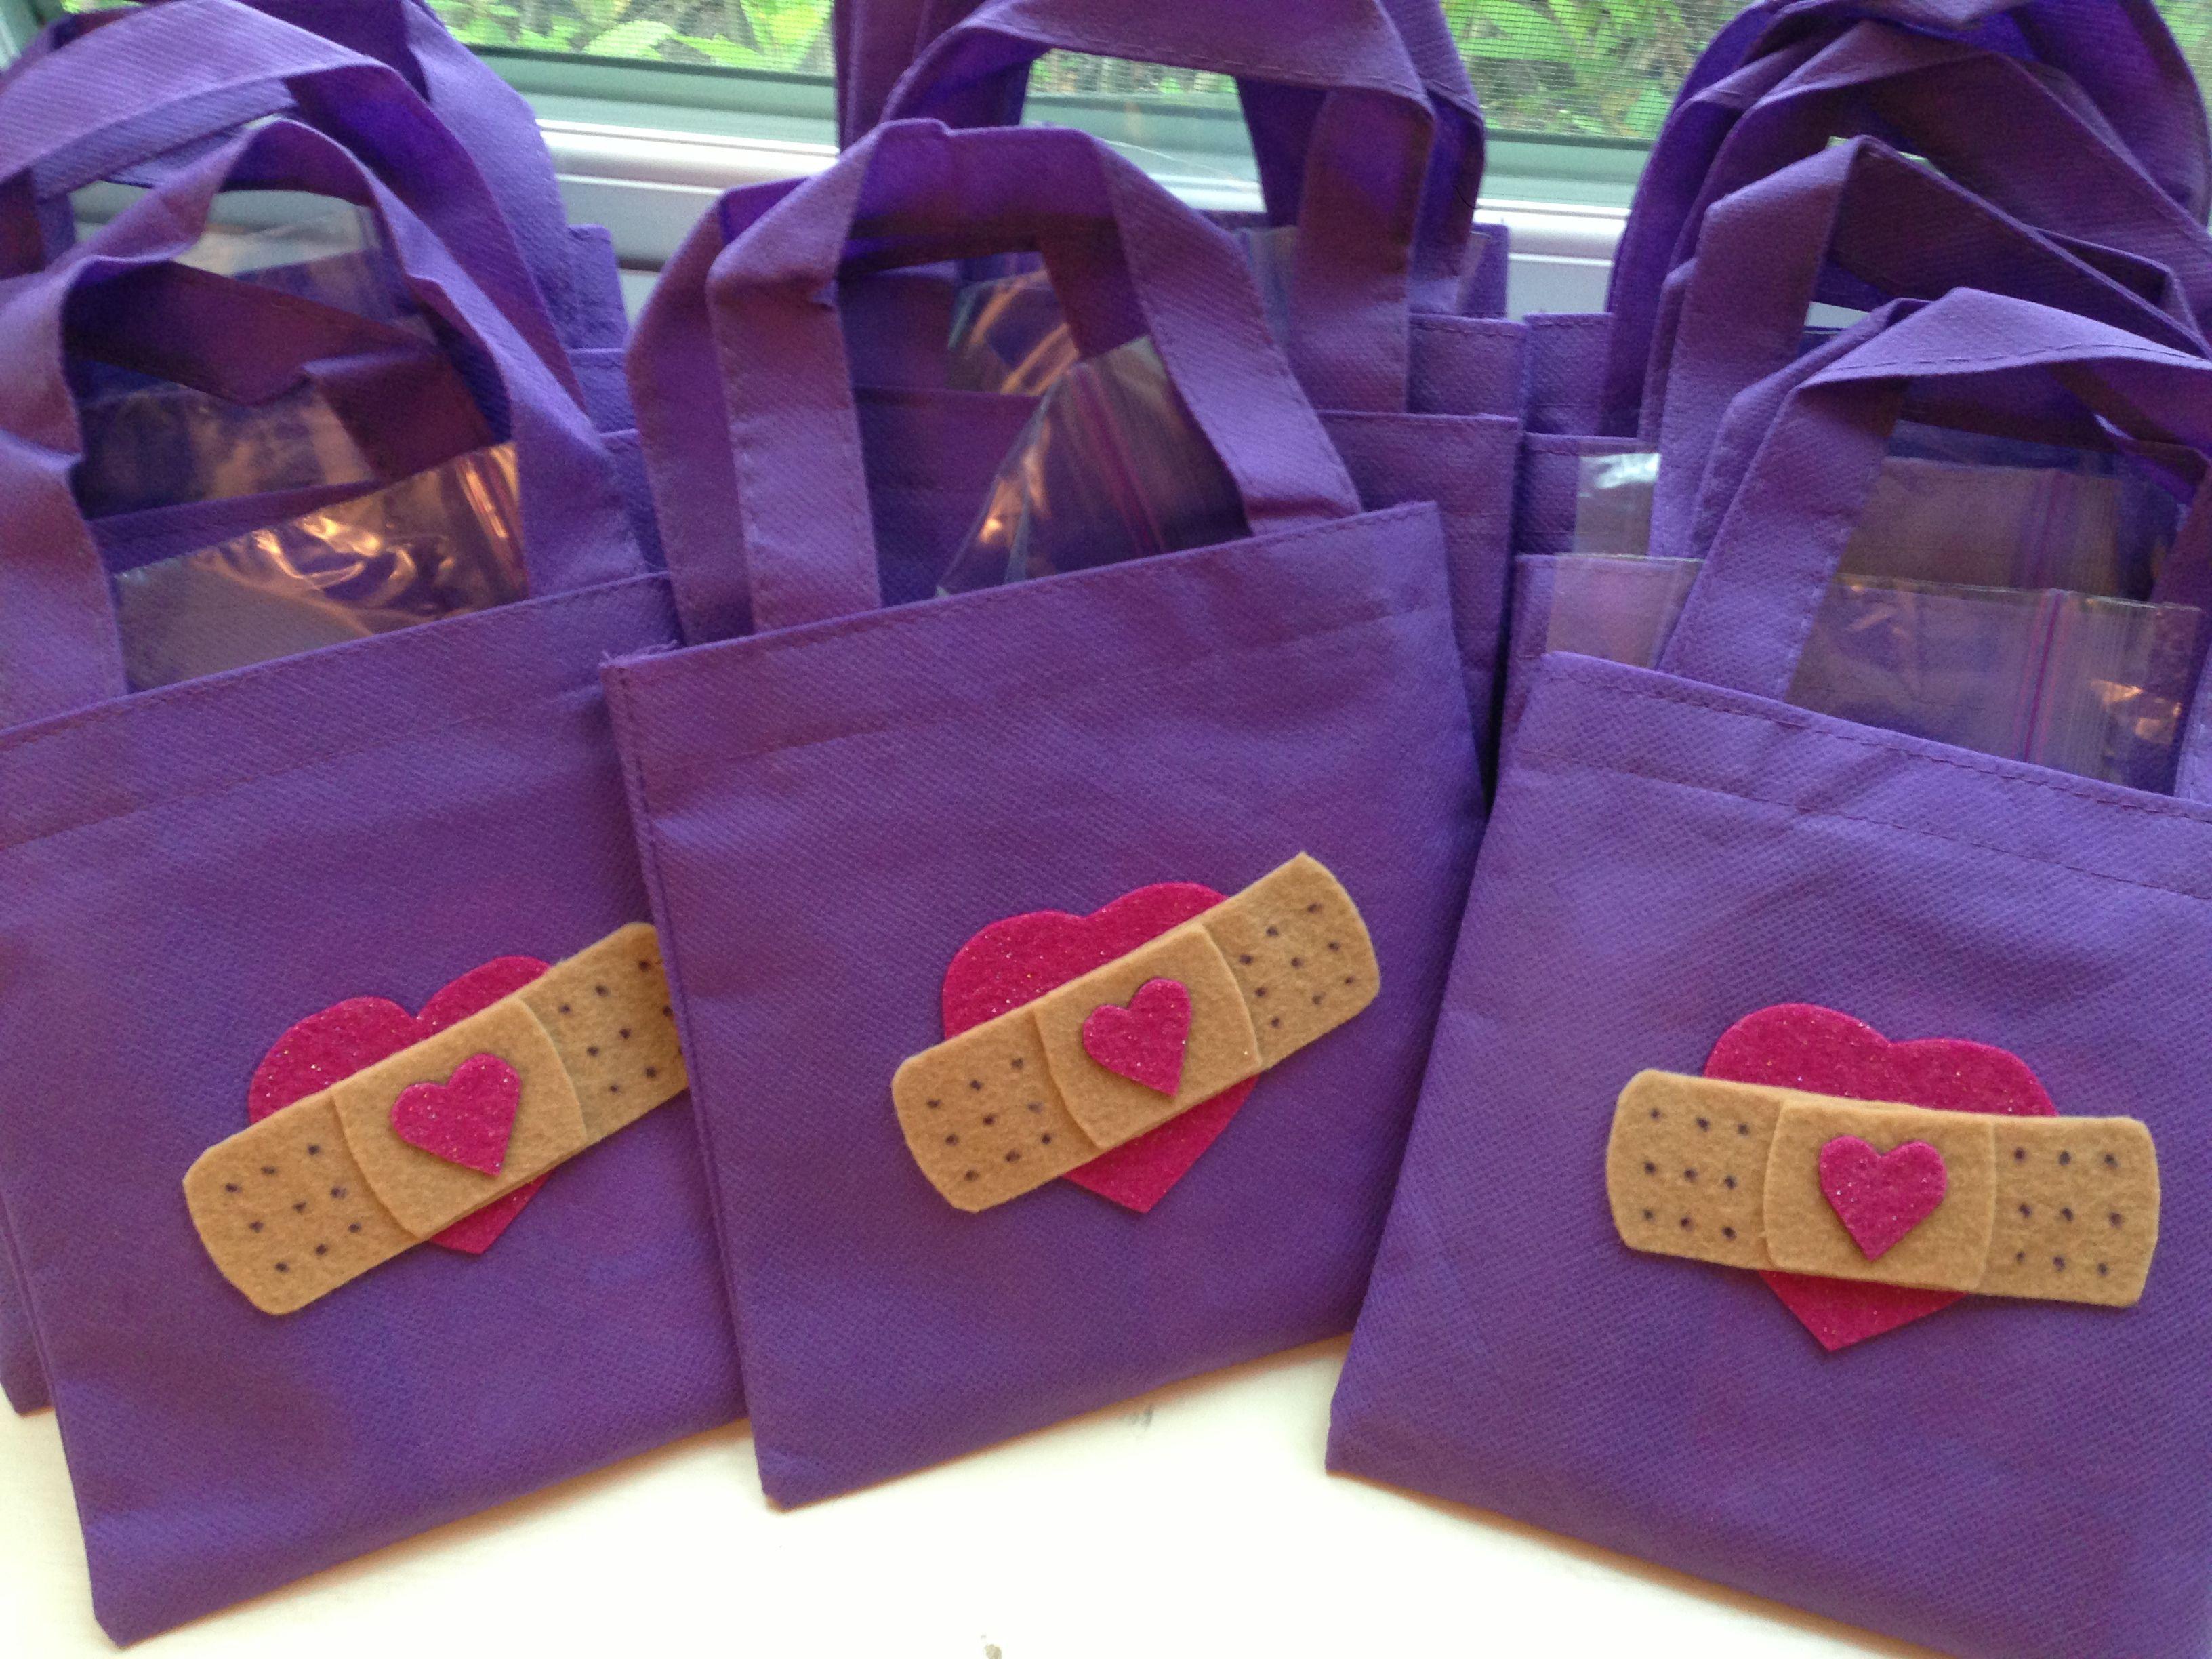 Doc mcstuffins bandages doc mcstuffins party ideas on pinterest doc - Doctor Bags Felt Band Aids On Mini Treat Bags Doc Mcstuffins